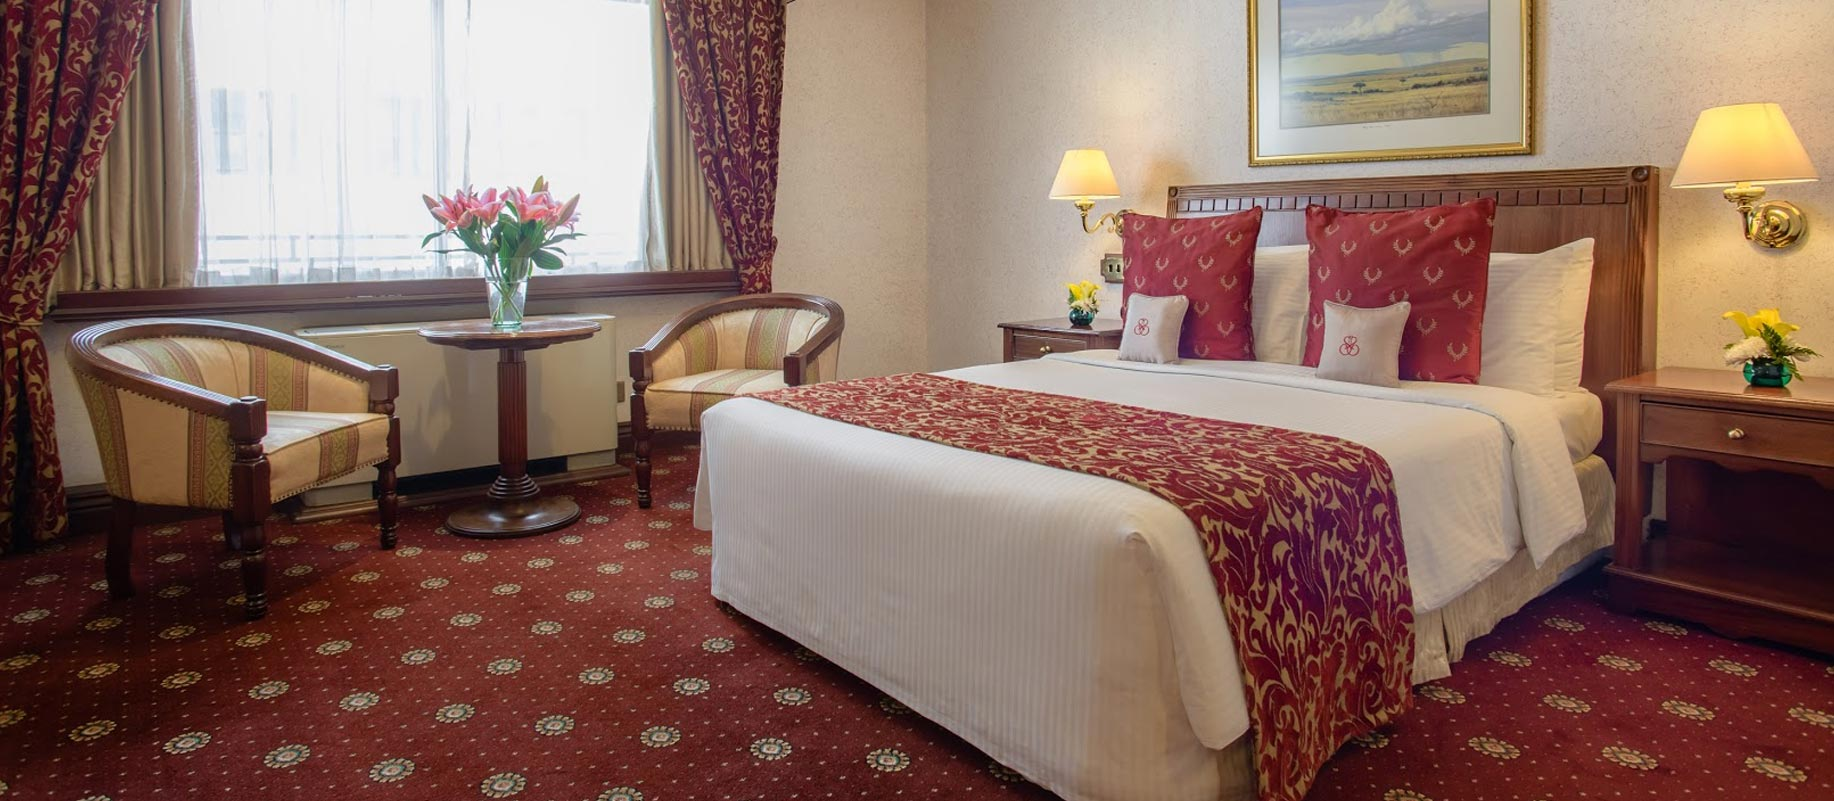 stanley-deluxe-header_stanley-deluxe-rooms.jpg